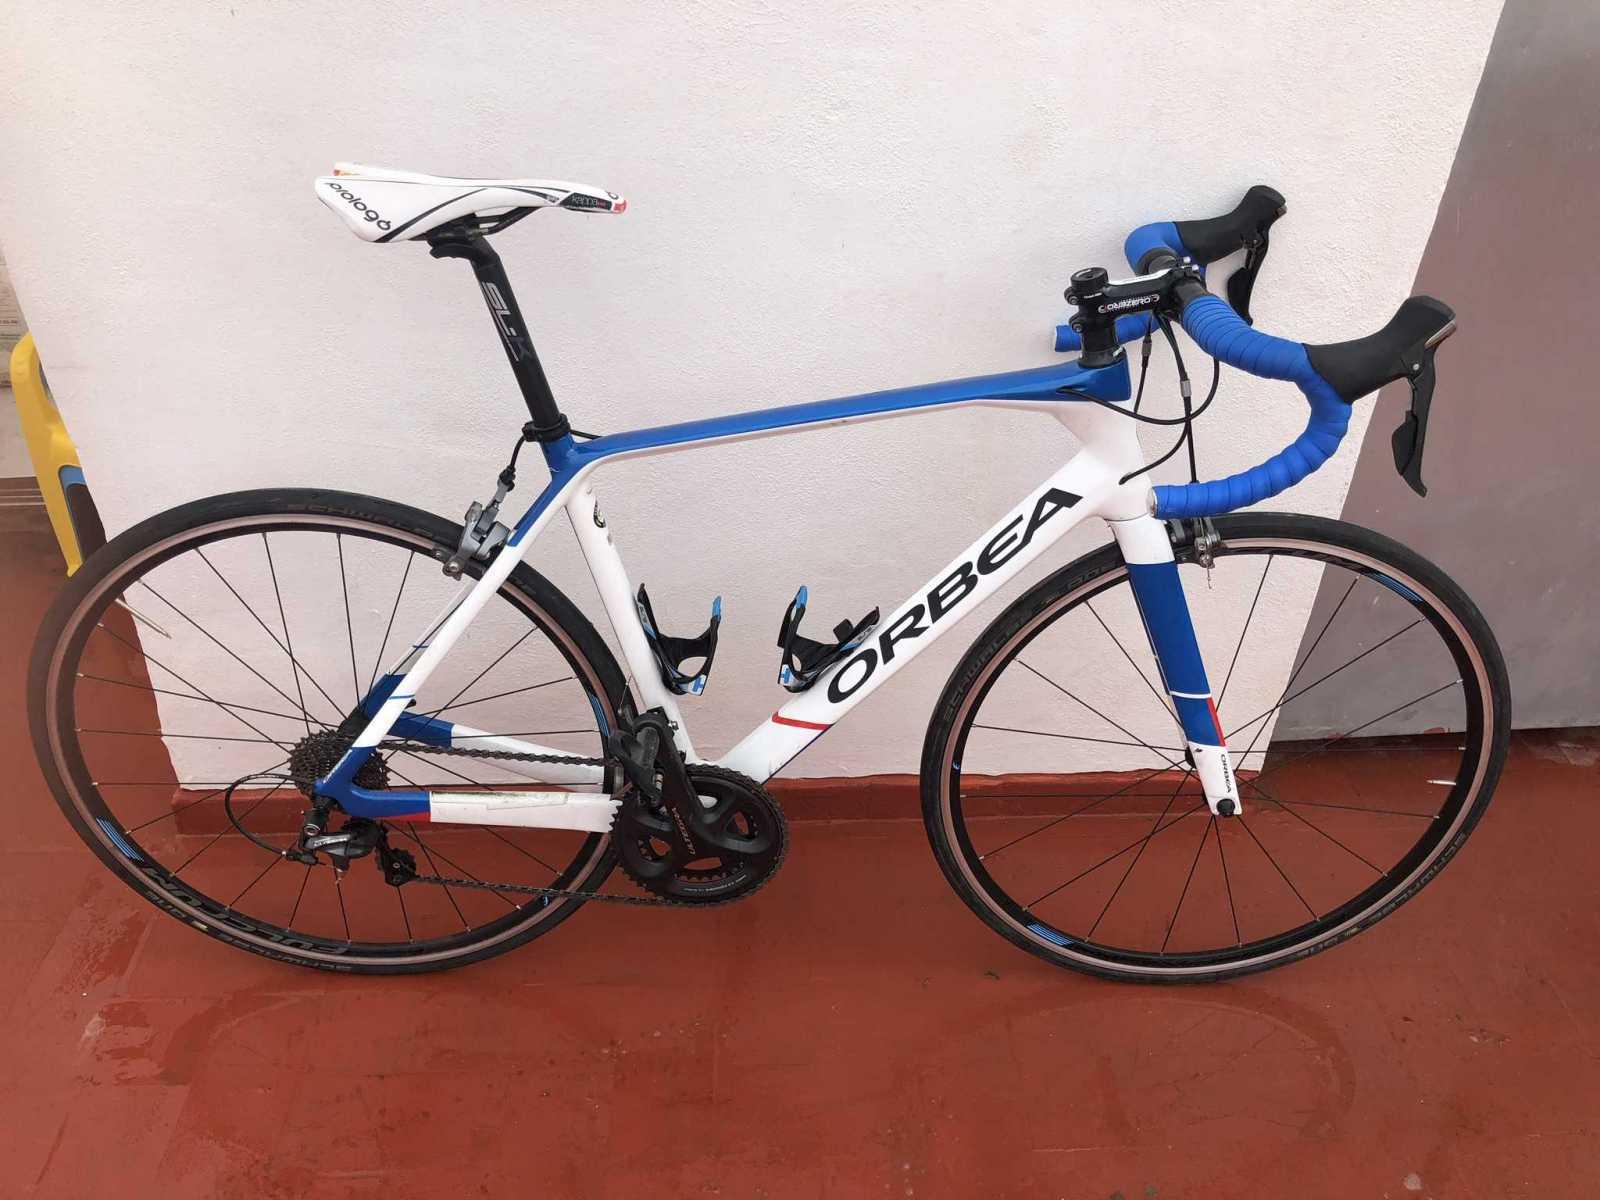 bicicletas Orbea - Tuvalum.com